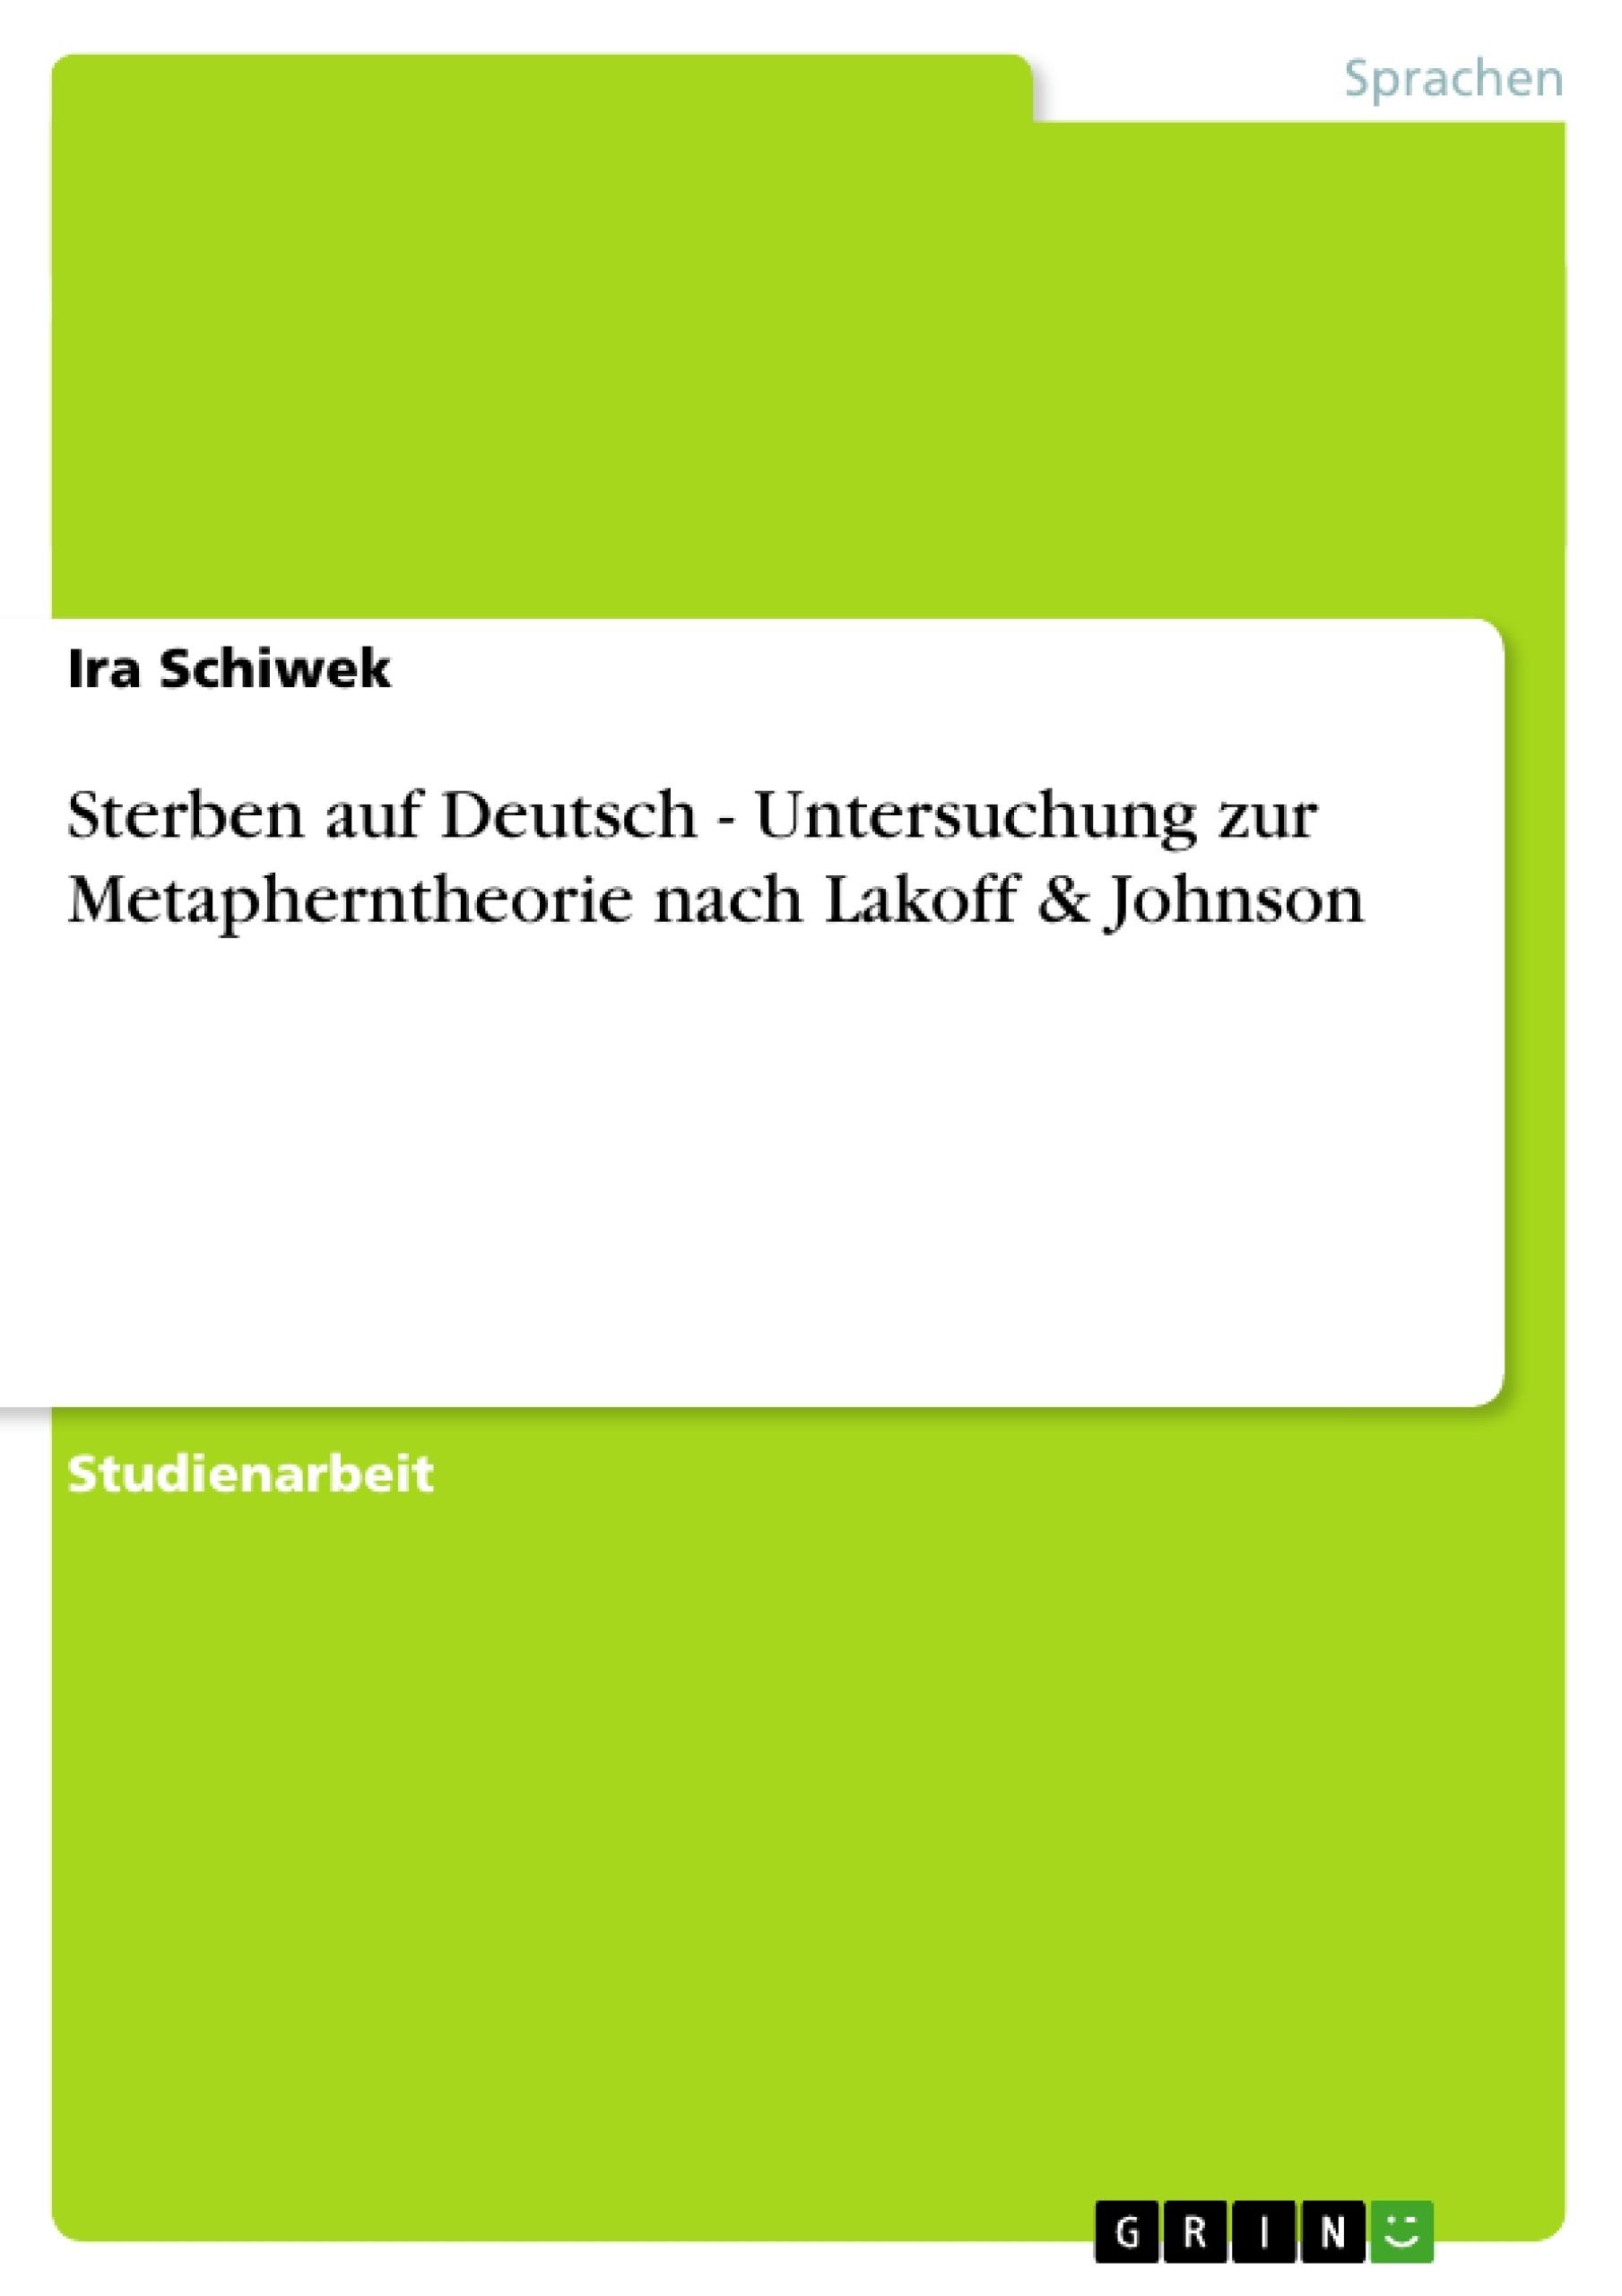 Sterben auf Deutsch - Untersuchung zur Metapherntheorie nach Lakoff & Johnson (German Edition)